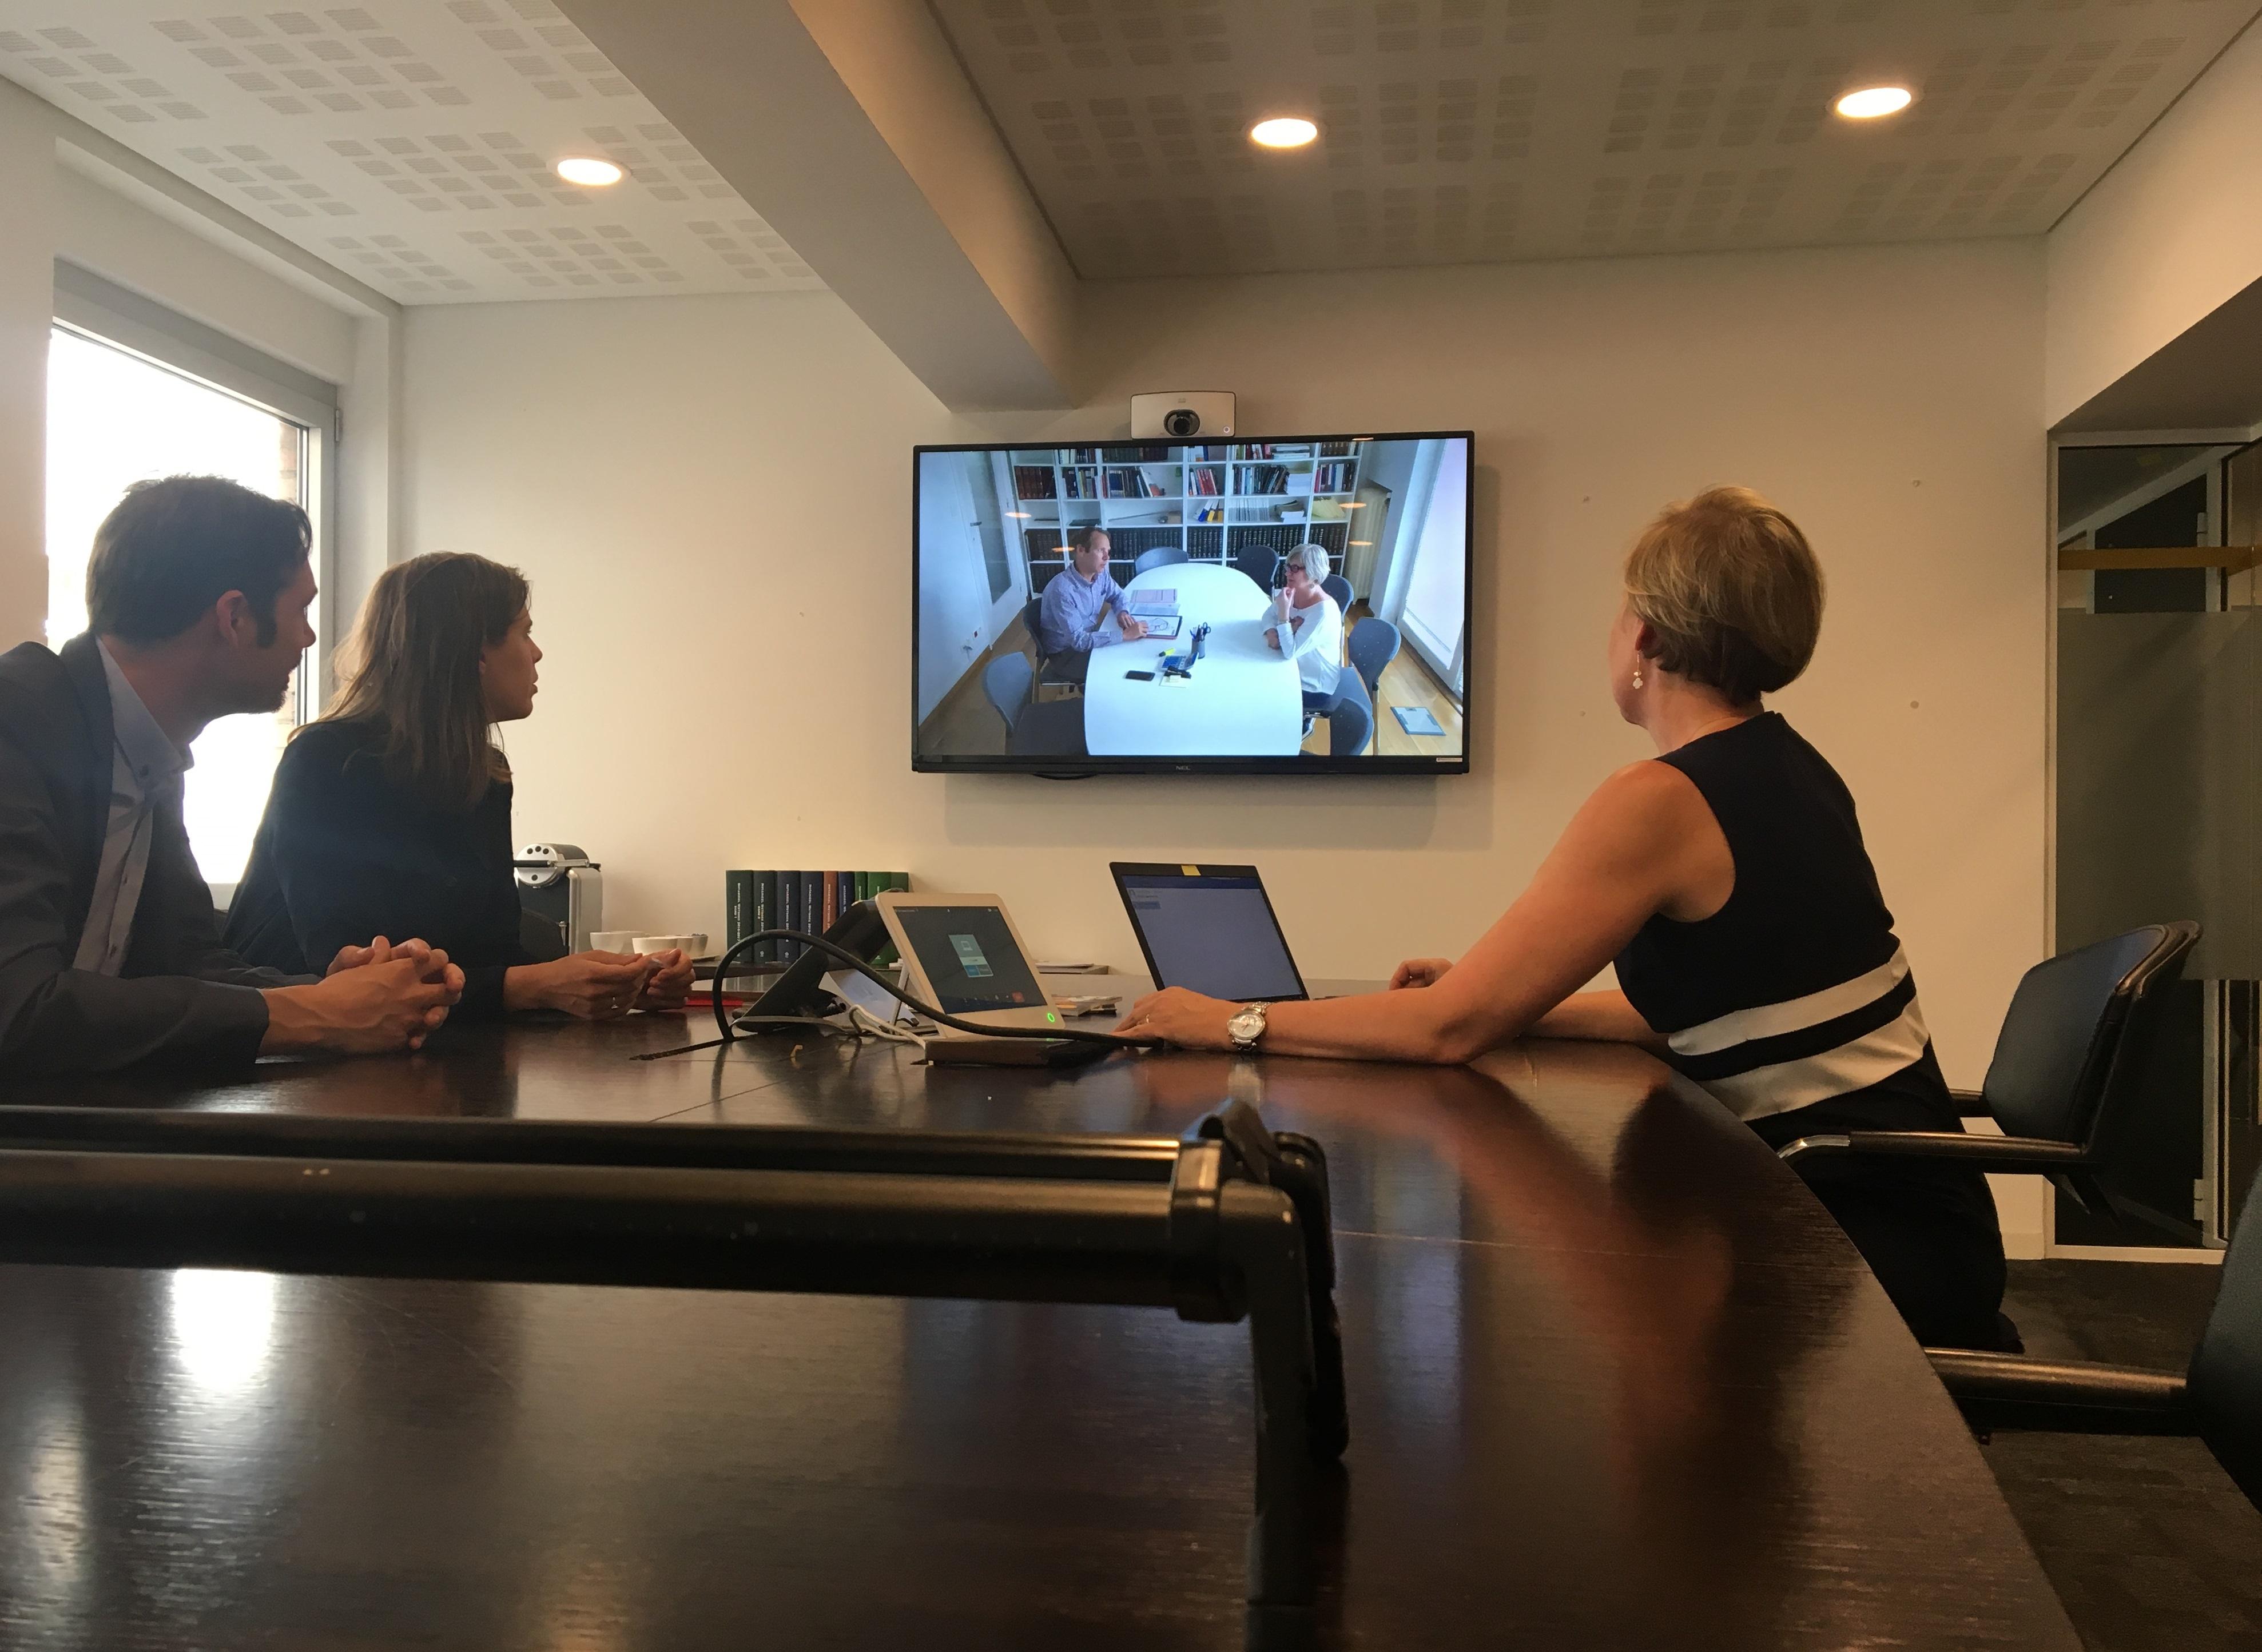 La crise liée au coronavirus fait fortement augmenter le nombre d'actes notariés passés par vidéoconférence